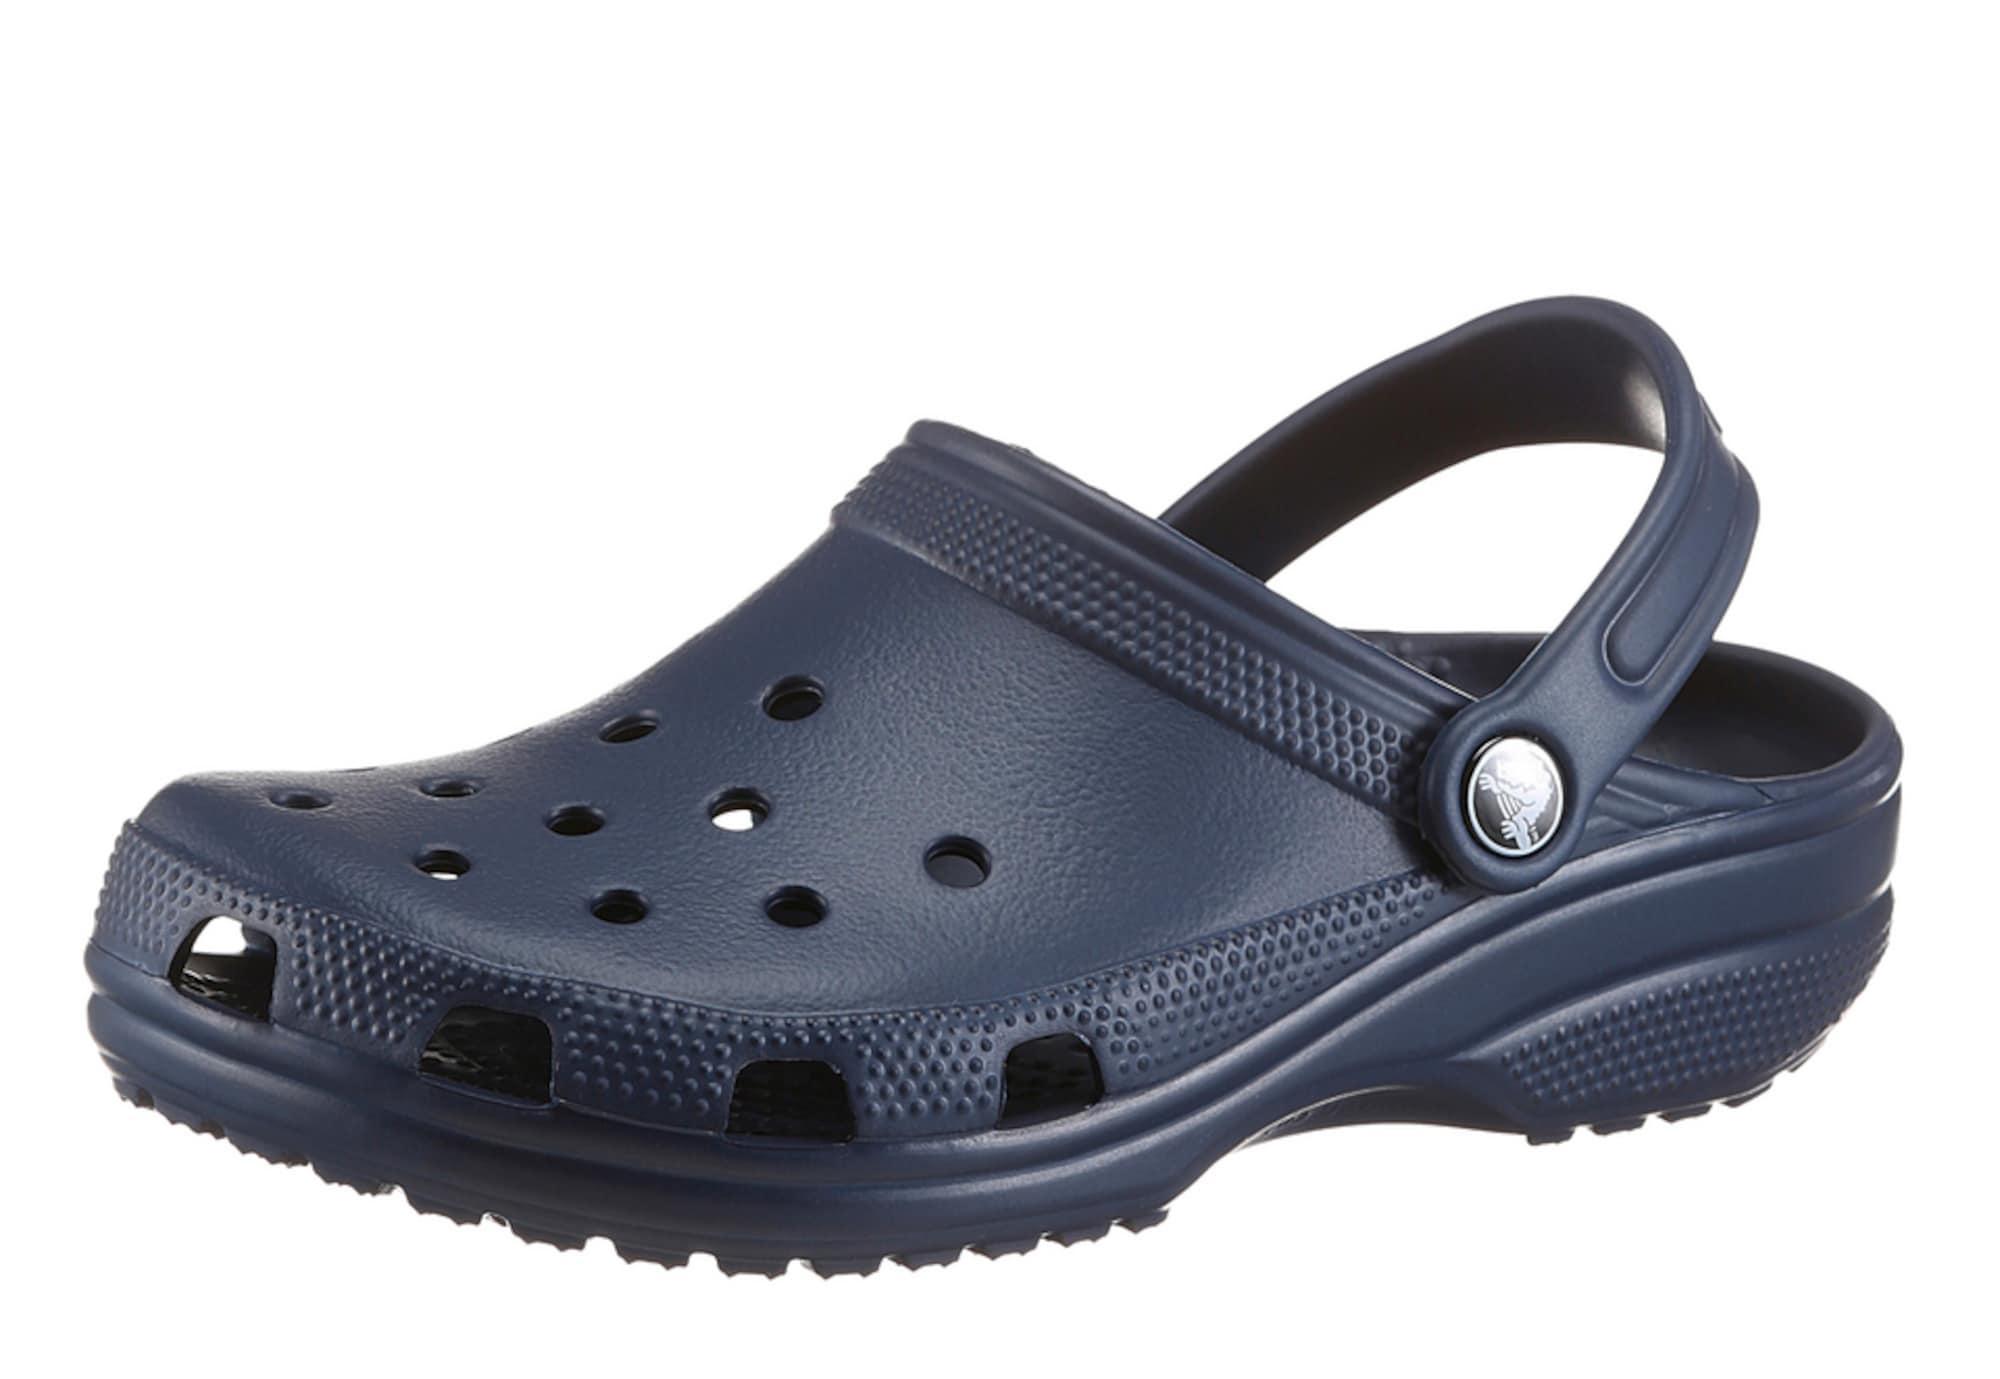 Crocs Sabots  - Bleu - Taille: 48.5 - male